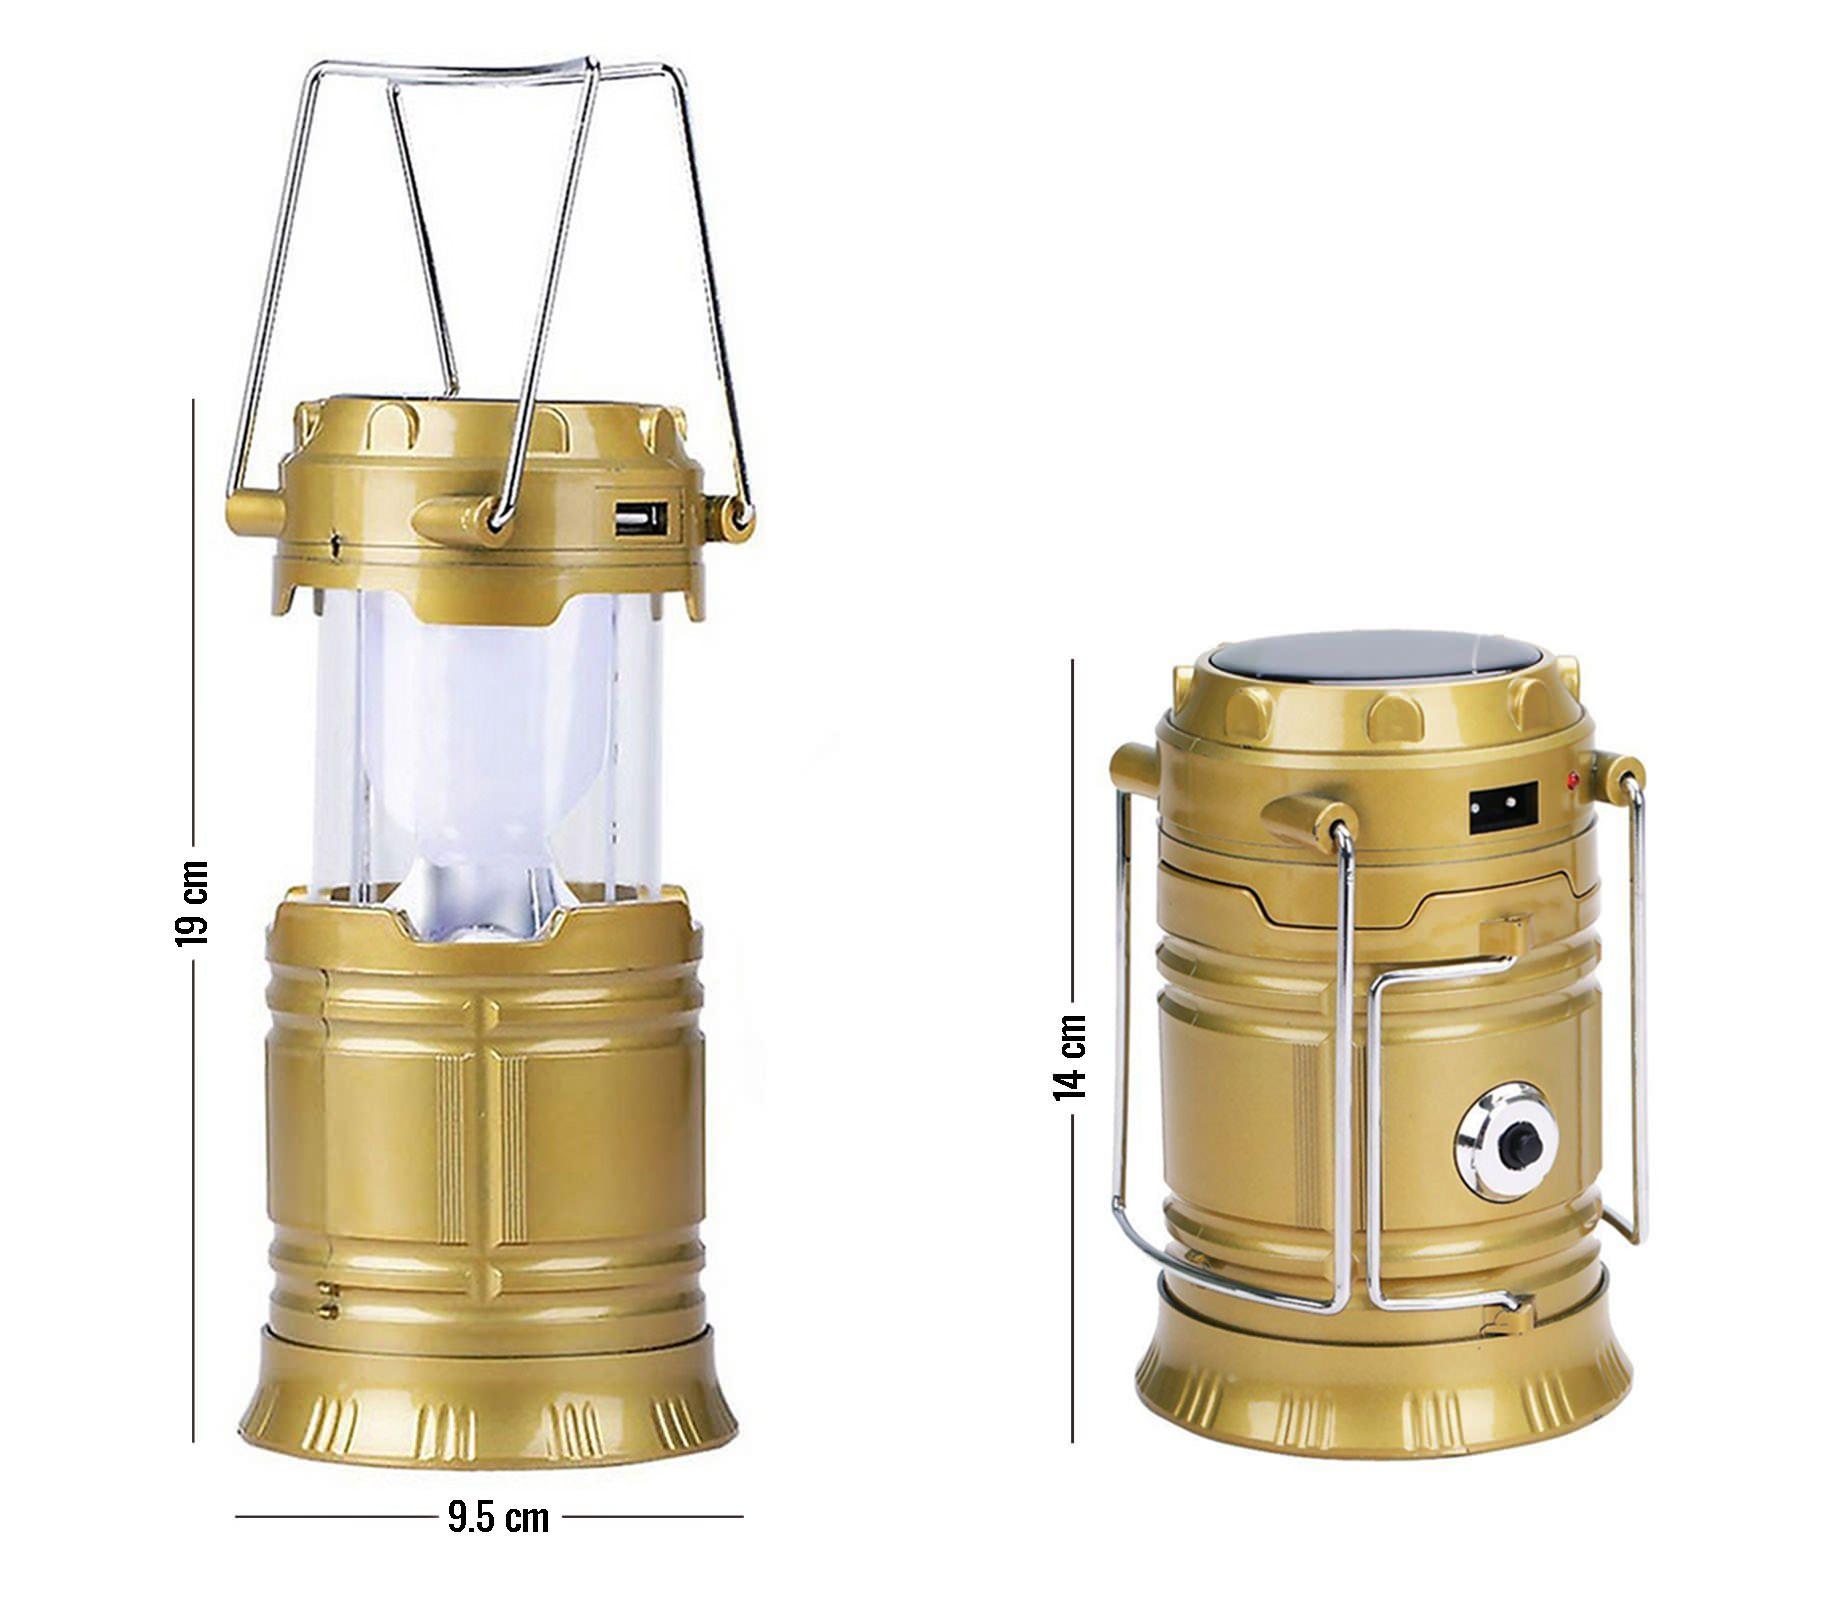 den-leu-6-1-led-rechareable-camping-lantern-jh-5800t-wetrek.vn-7